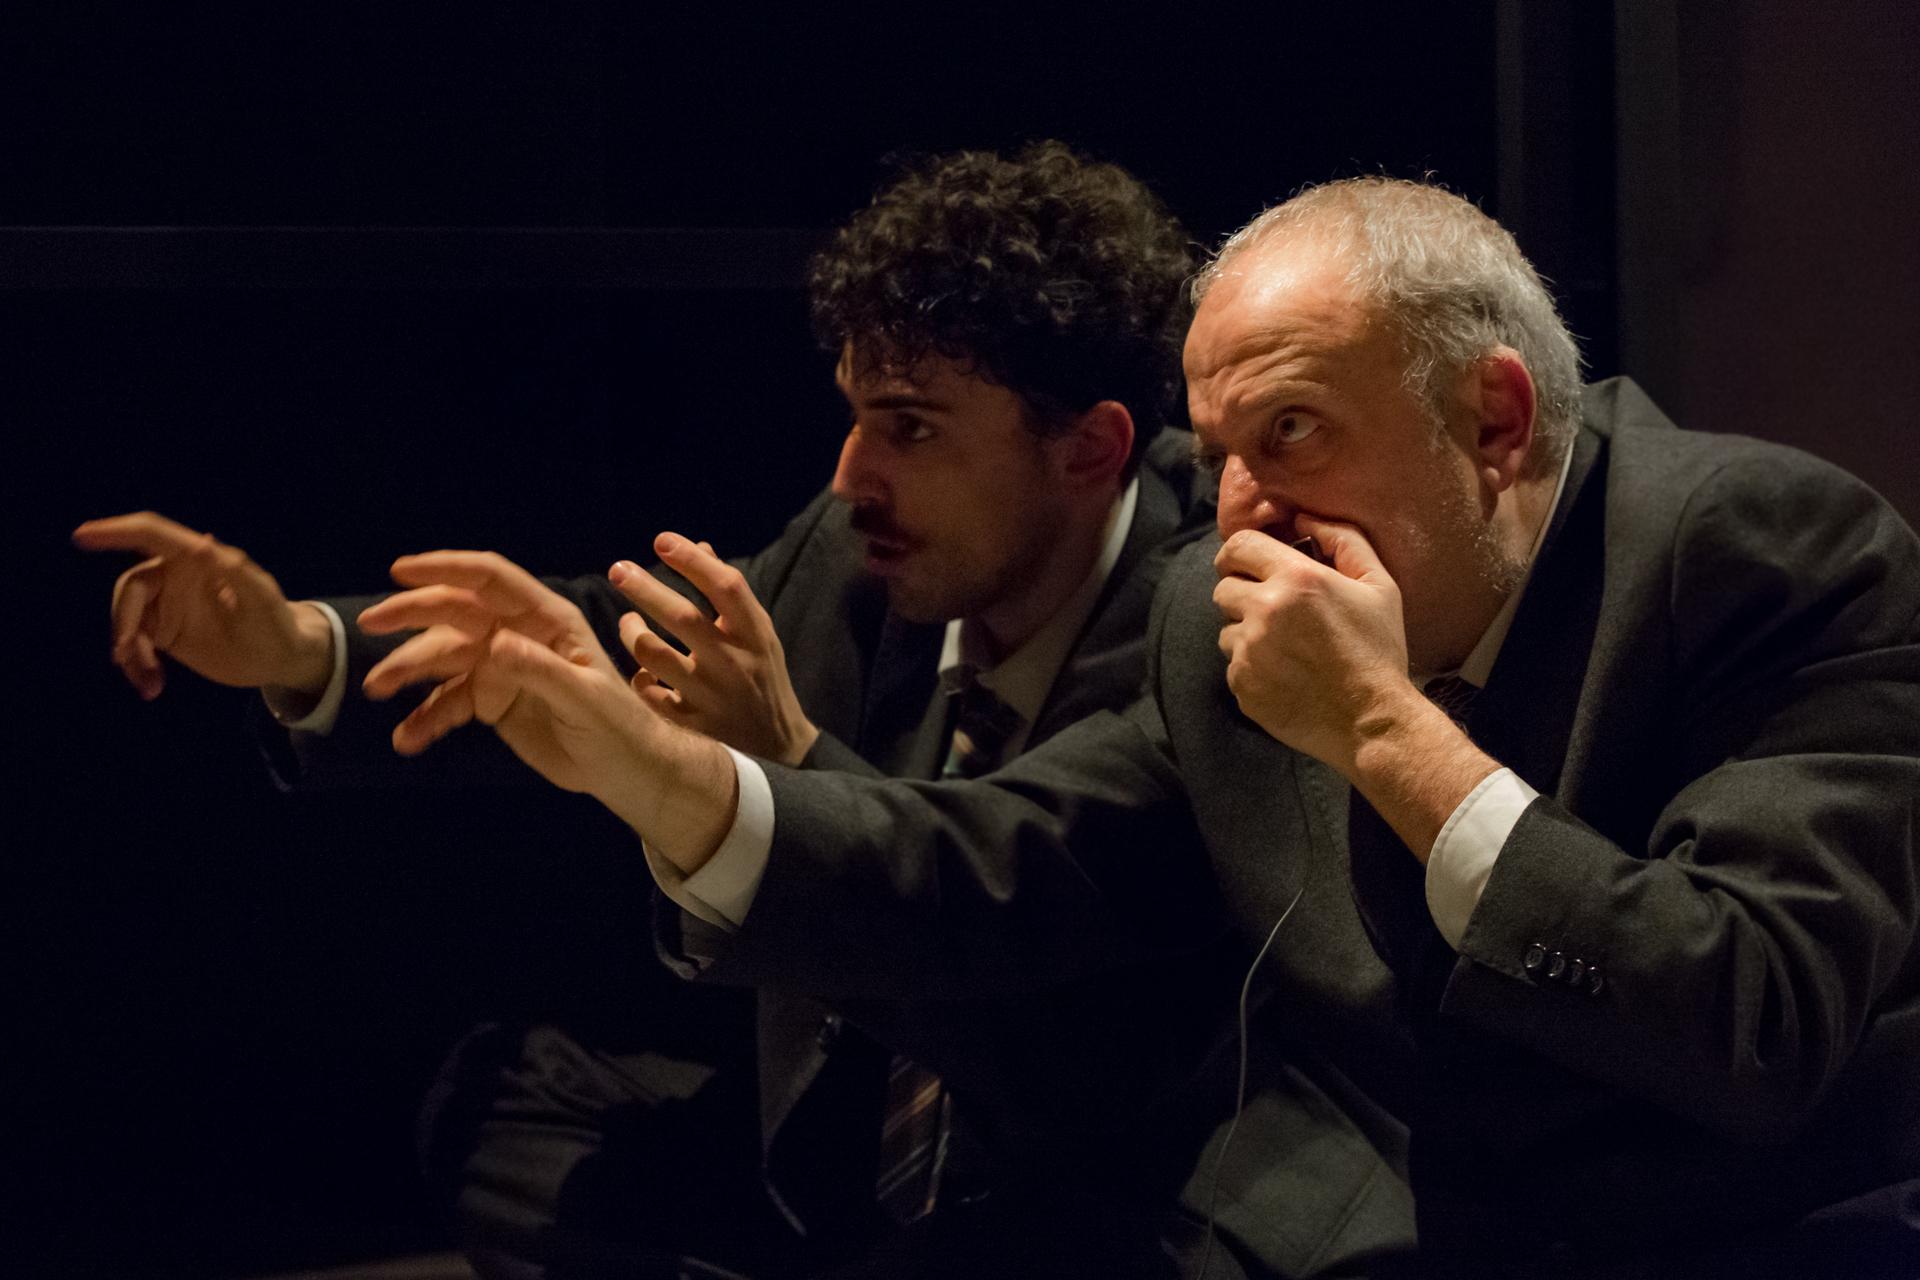 """Teatro Biondo Palermo  """"Fratelli"""" di Claudio Collovà ph © rosellina garbo 2018"""